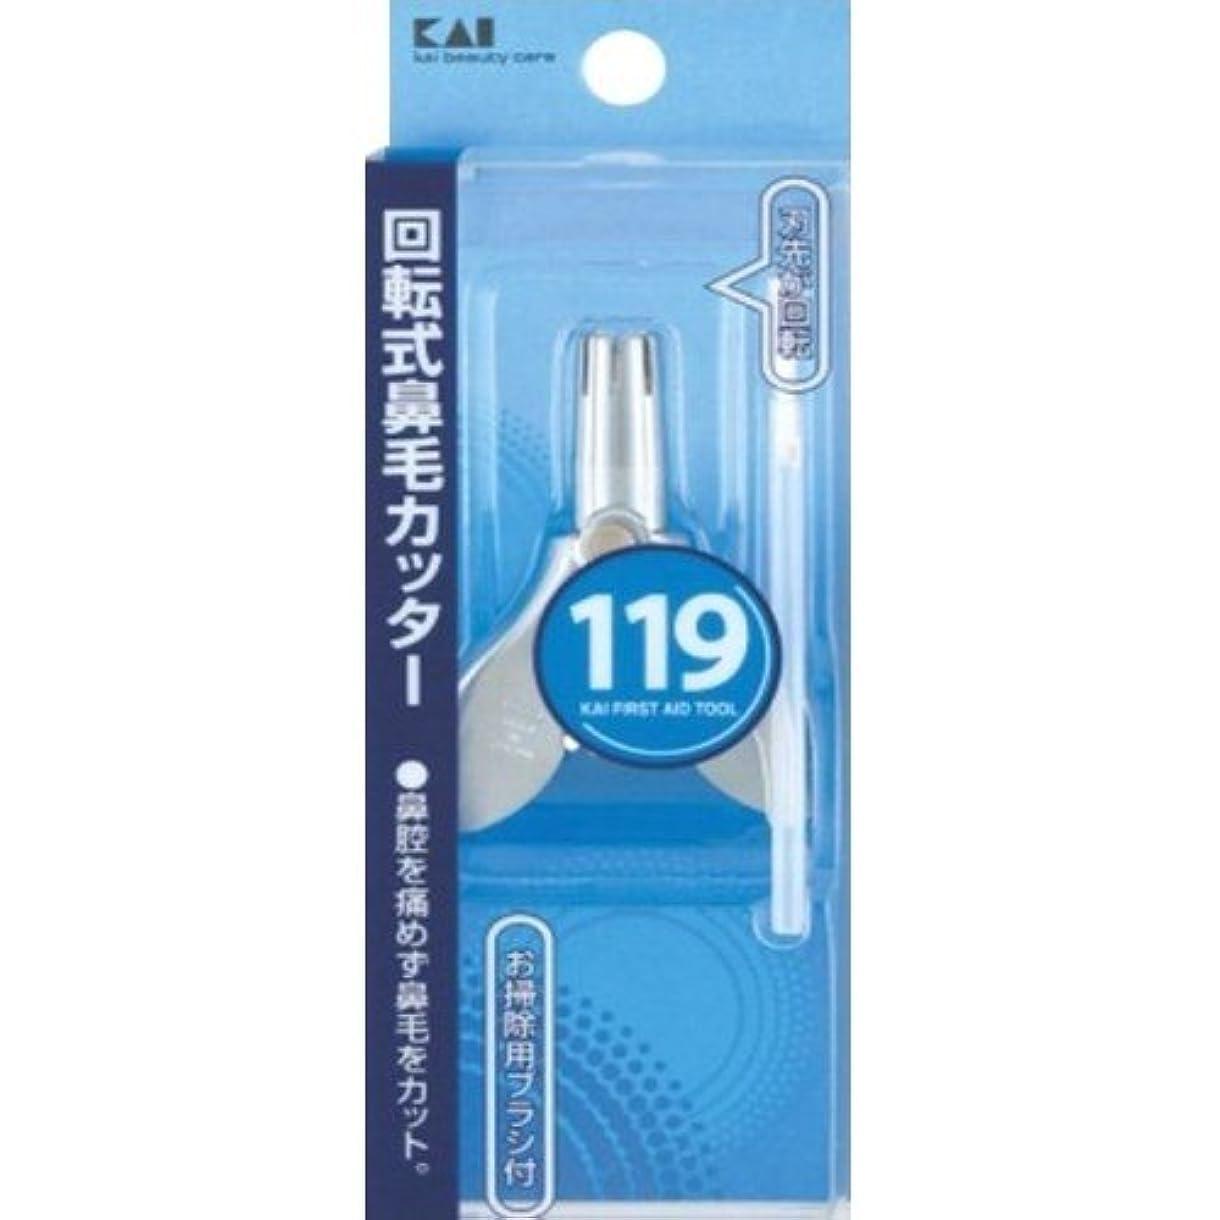 キノコ密輸緯度貝印 119 回転式鼻毛カッター KF1038